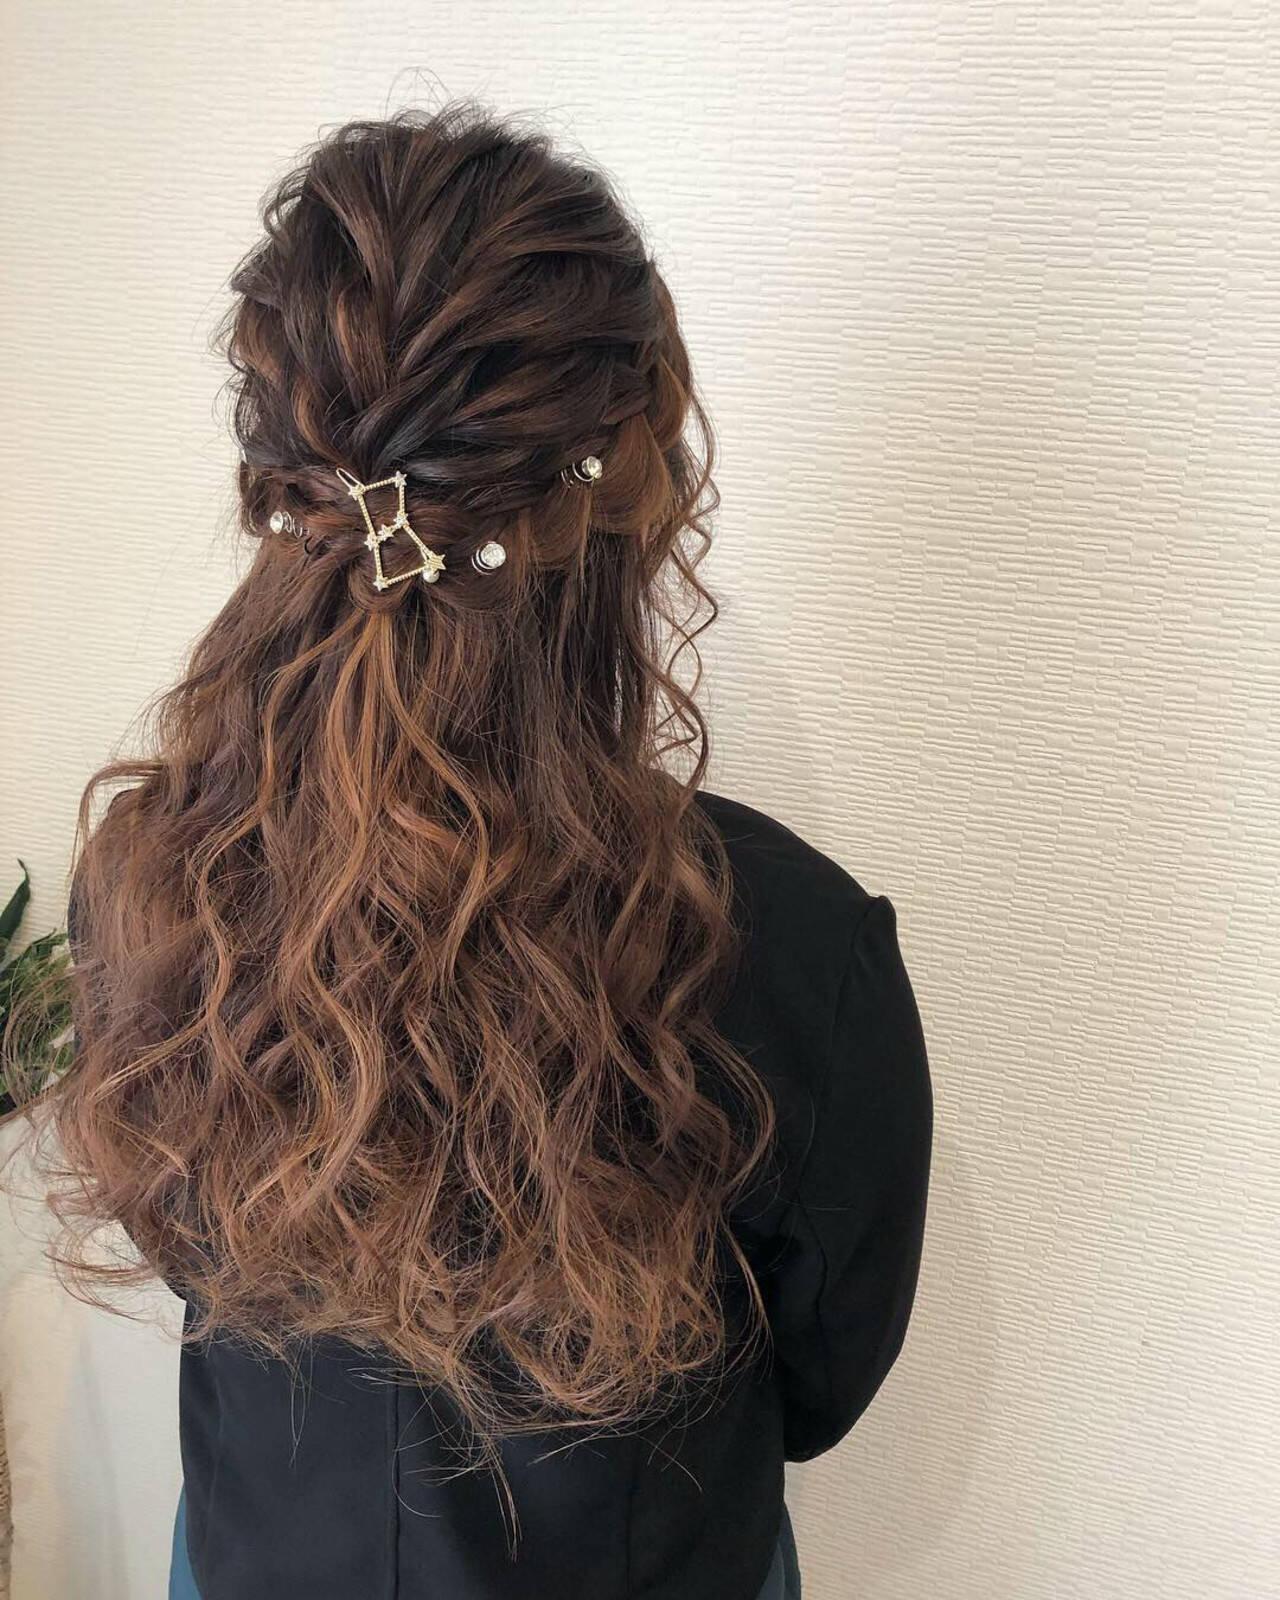 結婚式ヘアアレンジ ヘアアレンジ ヘアセット ハーフアップヘアスタイルや髪型の写真・画像